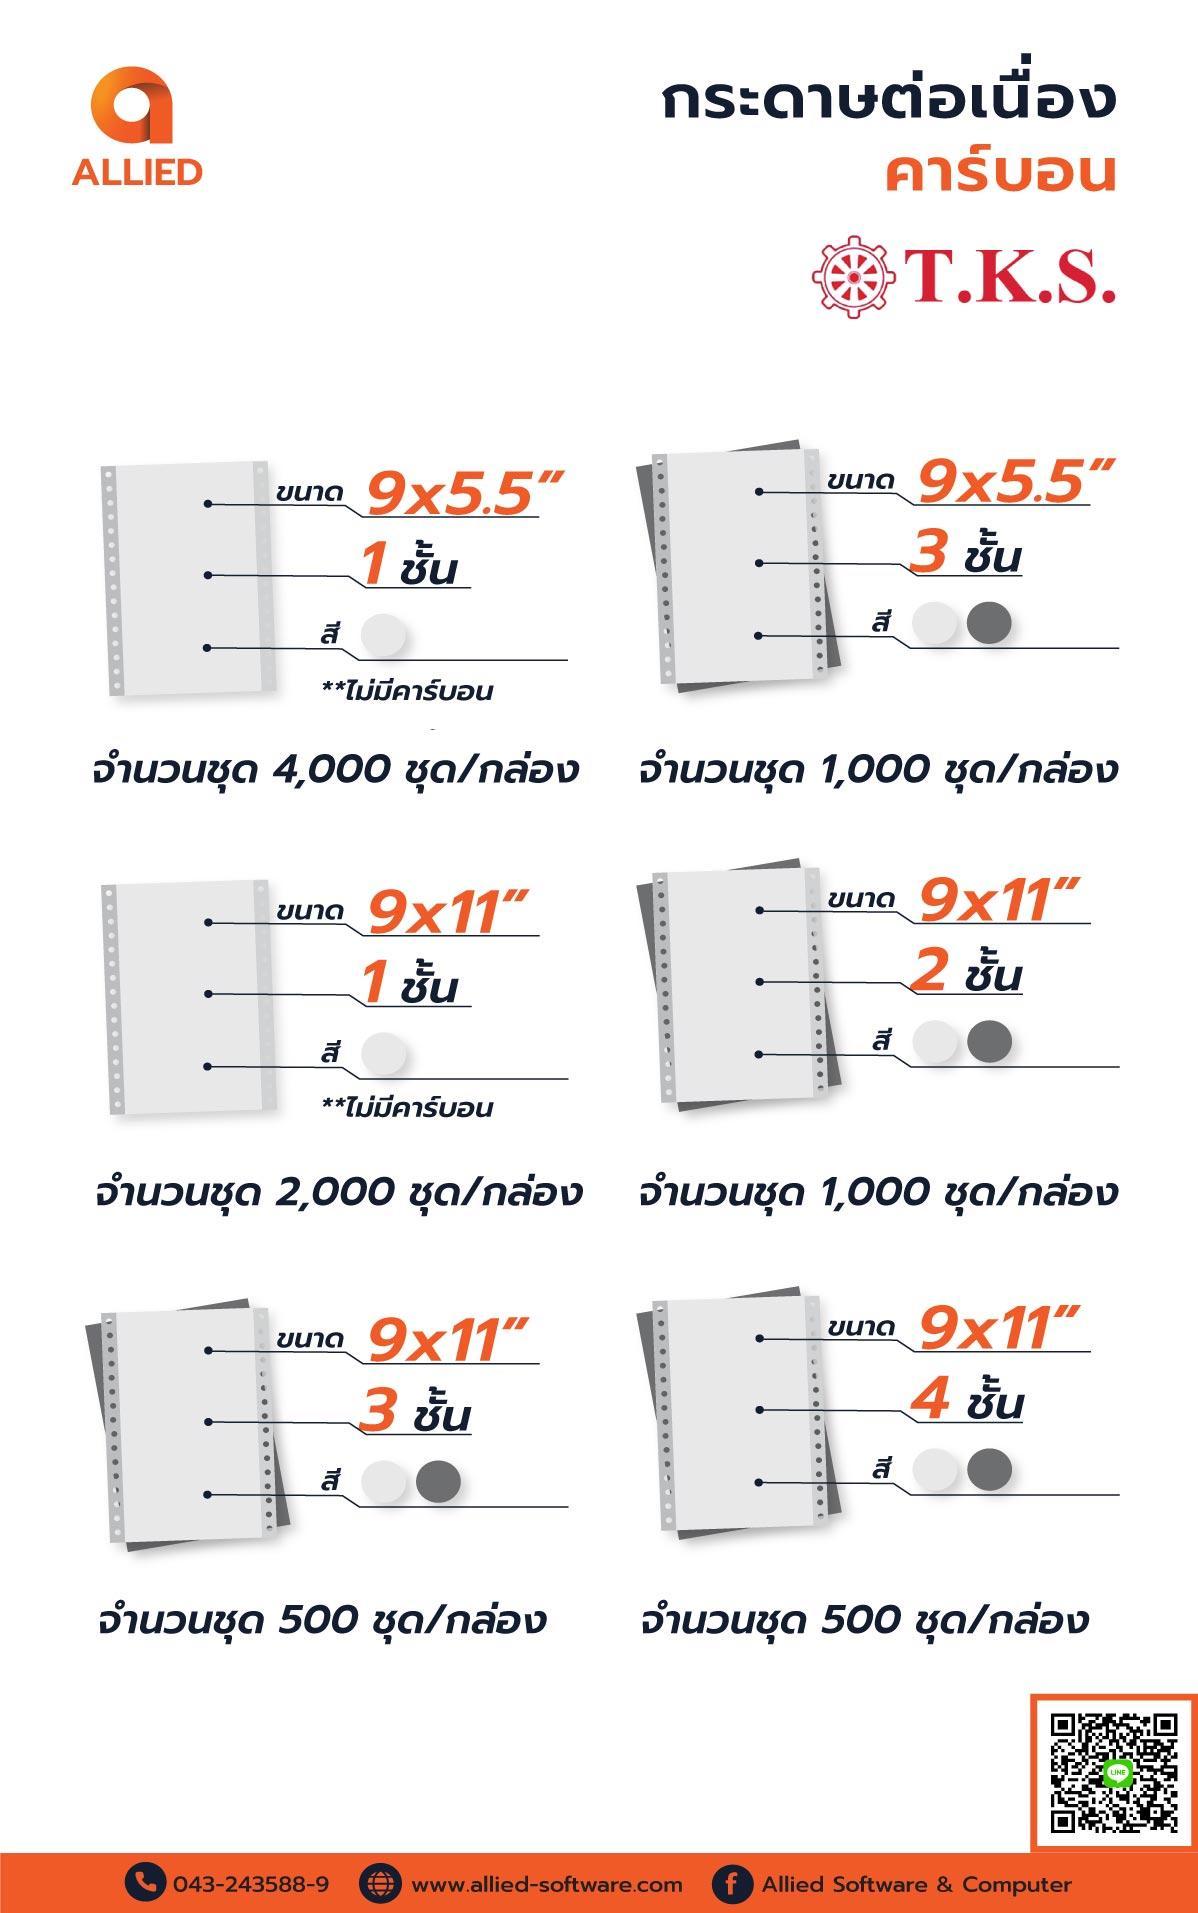 กระดาษกระดาษคาร์บอน ไม่มีเส้น TKS